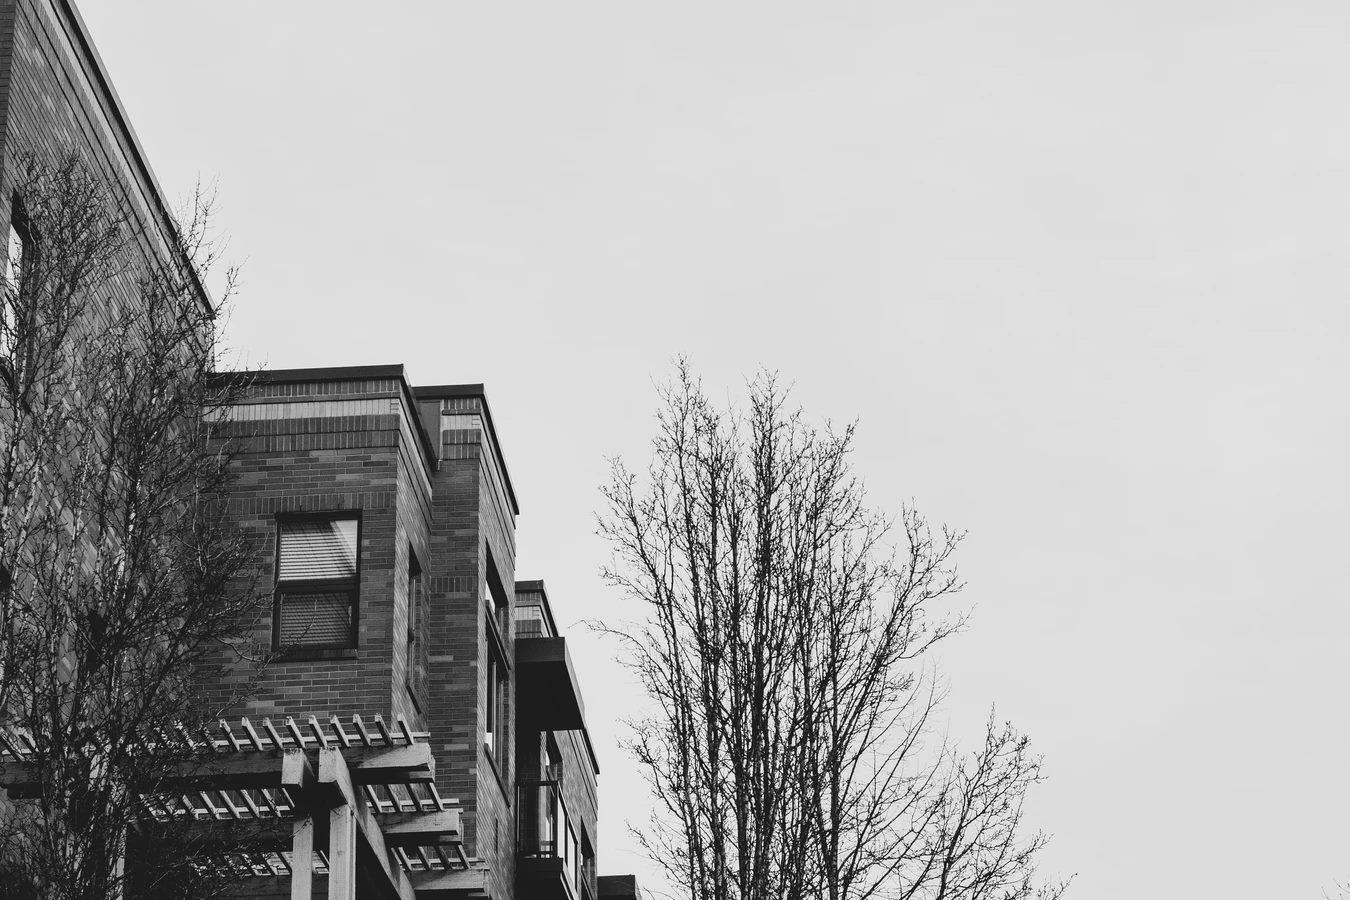 Kynnys on antanut lausuntonsa asunto-osakeyhtiölain muutostarvetta koskevasta arviomuistiosta